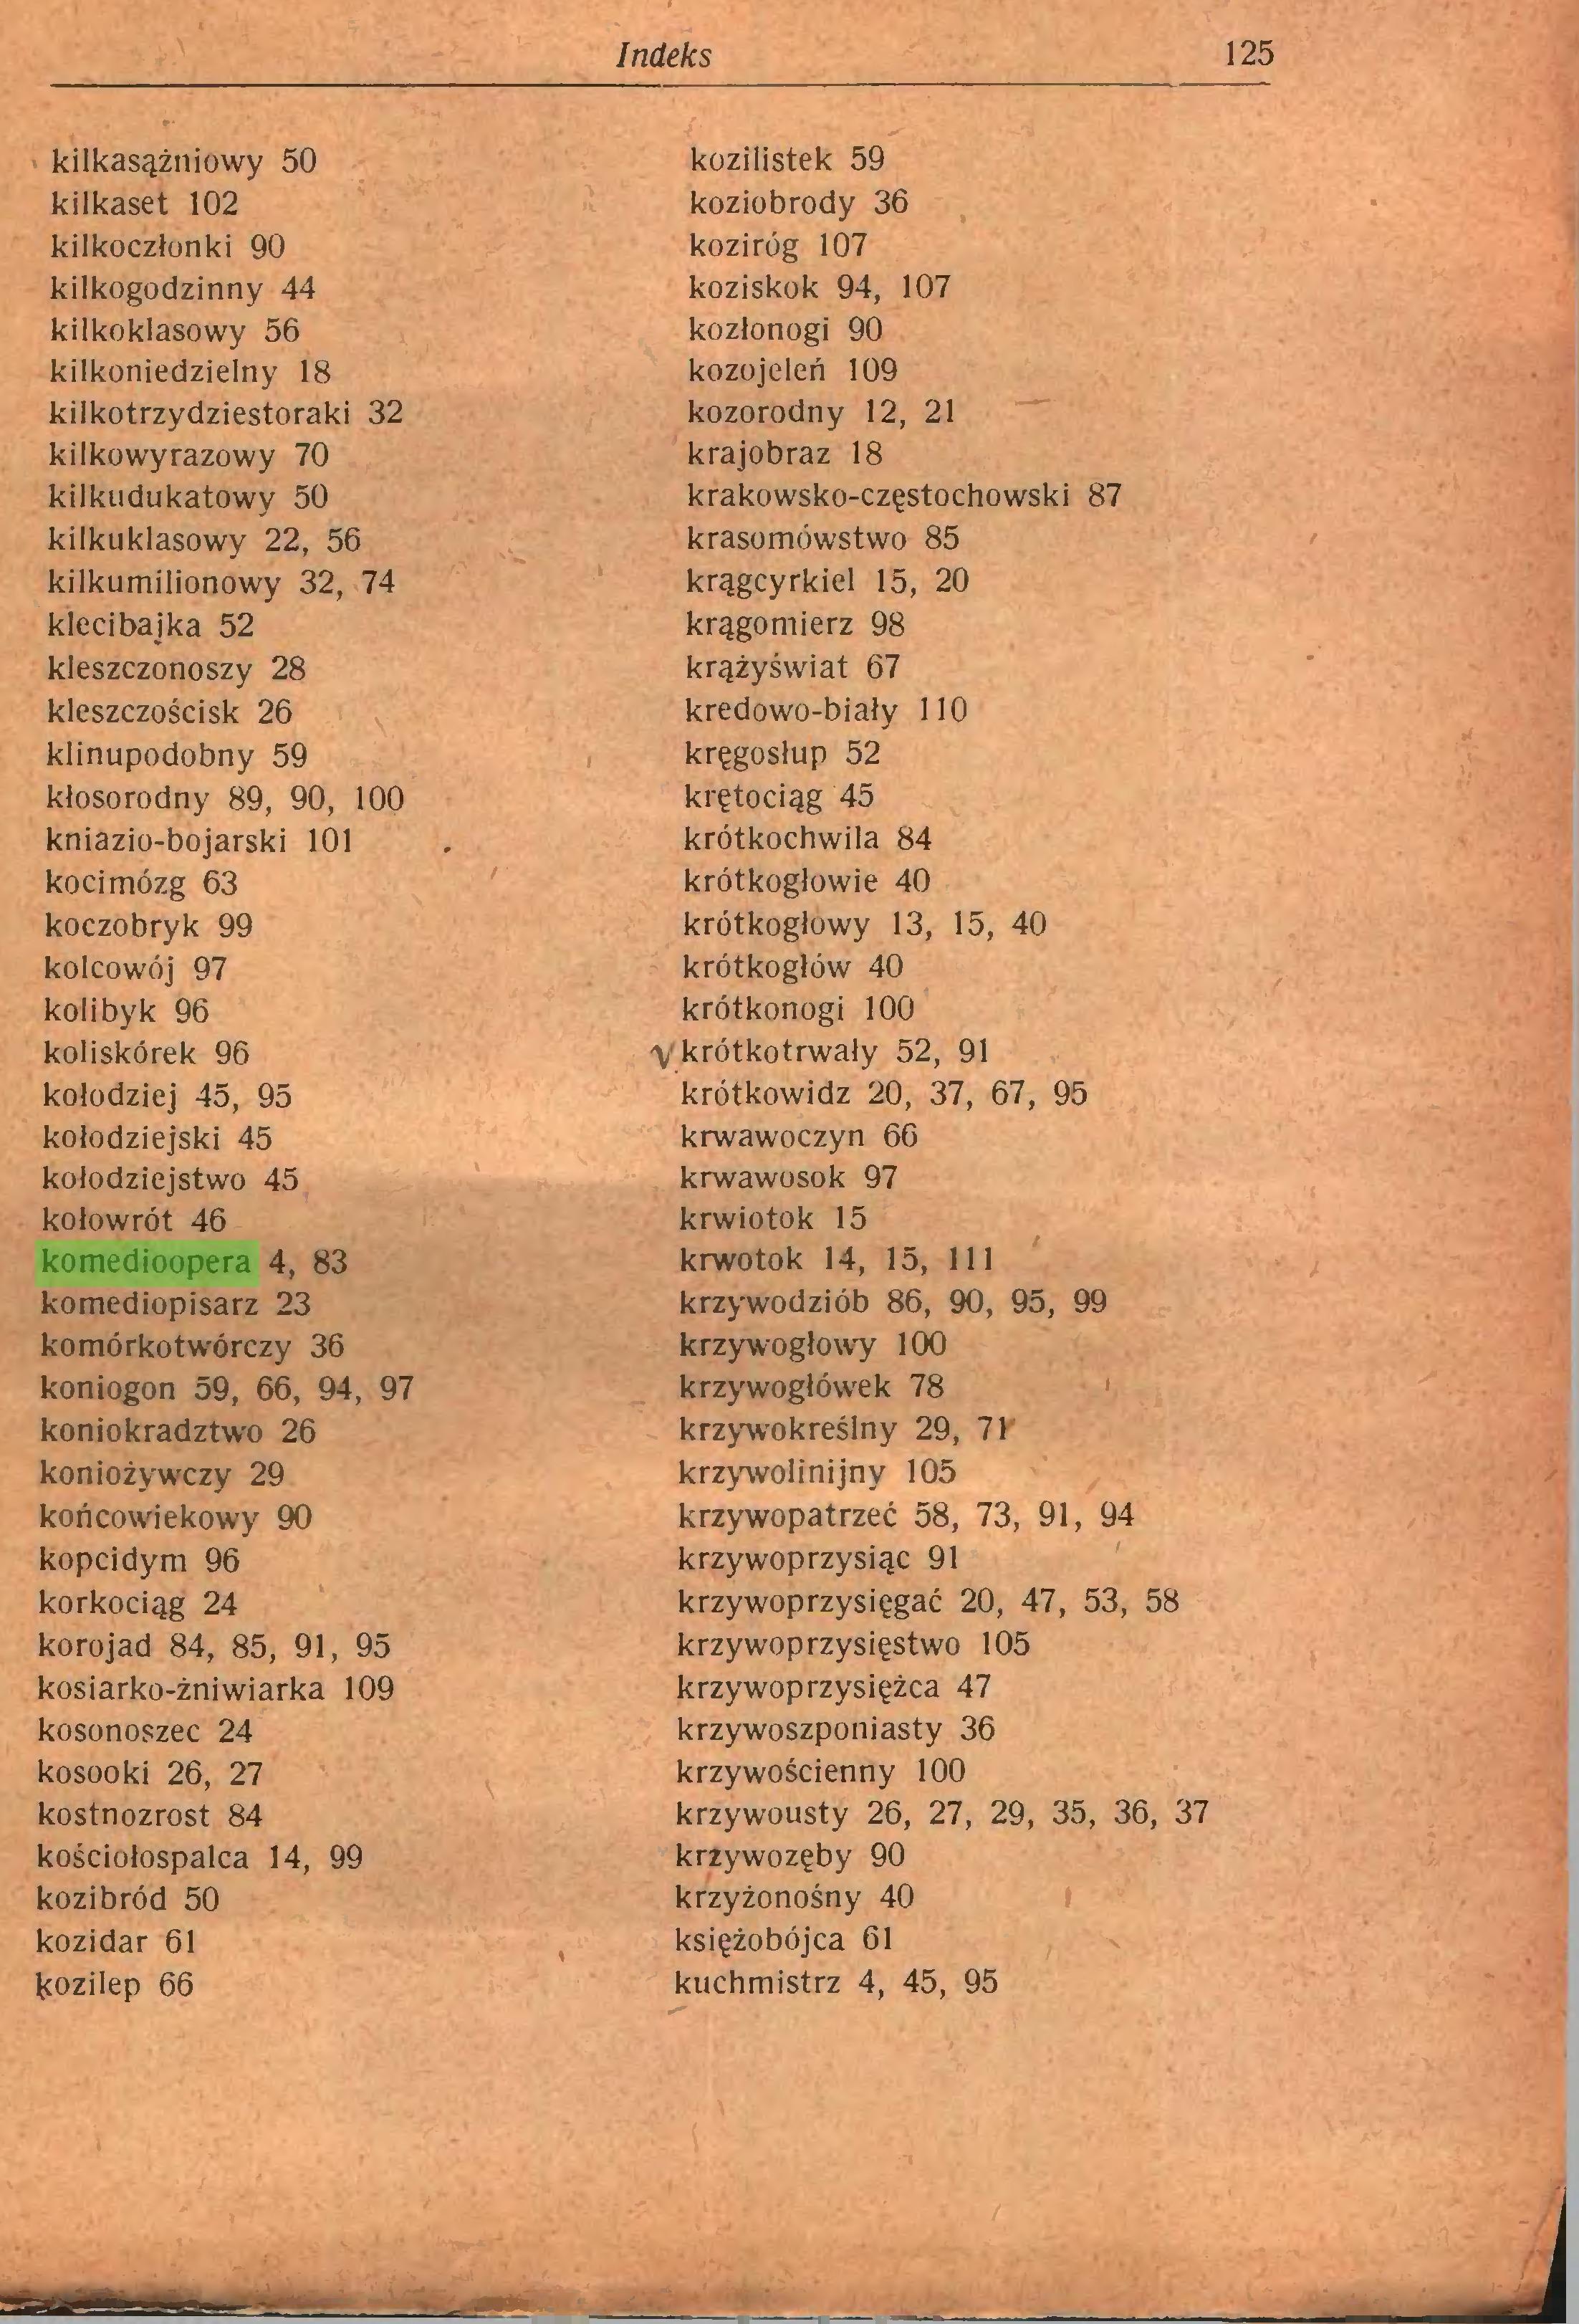 (...) Indeks 125 kilkasążniowy 50 kozilistek 59 kilkaset 102 koziobrody 36 kilkoczłonki 90 koziróg 107 kilkogodzinny 44 koziskok 94, 107 kilkoklasowy 56 kozłonogi 90 kilkoniedzielny 18 kozojeleń 109 kilkotrzydziestoraki 32 kozorodny 12, 21 kilkowyrazowy 70 krajobraz 18 kilkudukatowy 50 krakowsko-częstochowski 87 kilkuklasowy 22, 56 krasomówstwo 85 kilkumilionowy 32, 74 krągcyrkiel 15, 20 klecibajka 52 krągomierz 98 kleszczonoszy 28 krążyświat 67 kleszczościsk 26 kredowo-biały 110 klinupodobny 59 kręgosłup 52 kłosorodny 89, 90, 100 krętociąg 45 kniazio-bojarski 101 krótkochwila 84 koci mózg 63 krótkogłowie 40 koczobryk 99 krótkogłowy 13, 15, 40 kolcowój 97 krótkogłów 40 kolibyk 96 krótkonogi 100 koliskórek 96 'V krótkotrwały 52, 91 kołodziej 45, 95 krótkowidz 20, 37, 67, 95 kołodziejski 45 krwawoczyn 66 kołodziejstwo 45 krwawosok 97 kołowrót 46 krwiotok 15 komedioopera 4, 83 krwotok 14, 15, 111 komediopisarz 23 krzywodziób 86, 90, 95, 99 komórkotwórczy 36 krzywogłowy 100 koniogon 59, 66, 94, 97 krzywogłówek 78 koniokradztwo 26 krzywokreślny 29, 71 koniożywczy 29 krzywolinijny 105 końcowiekowy 90 krzywopatrzeć 58, 73, 91, 94 kopcidym 96 krzywoprzysiąc 91 korkociąg 24 krzywoprzysięgać 20, 47, 53, 58 korojad 84, 85, 91, 95 krzywoprzysięstwo 105 kosiarko-żniwiarka 109 krzywoprzysiężca 47 kosonoszec 24 krzywoszponiasty 36 kosooki 26, 27 krzywościenny 100 kostnozrost 84 krzywousty 26, 27, 29, 35, 36, 37 kościołospalca 14, 99 krzywozęby 90 kozi bród 50 krzyżonośny 40 kozidar 61 księżobójca 61 kozilep 66 kuchmistrz 4, 45, 95 J...